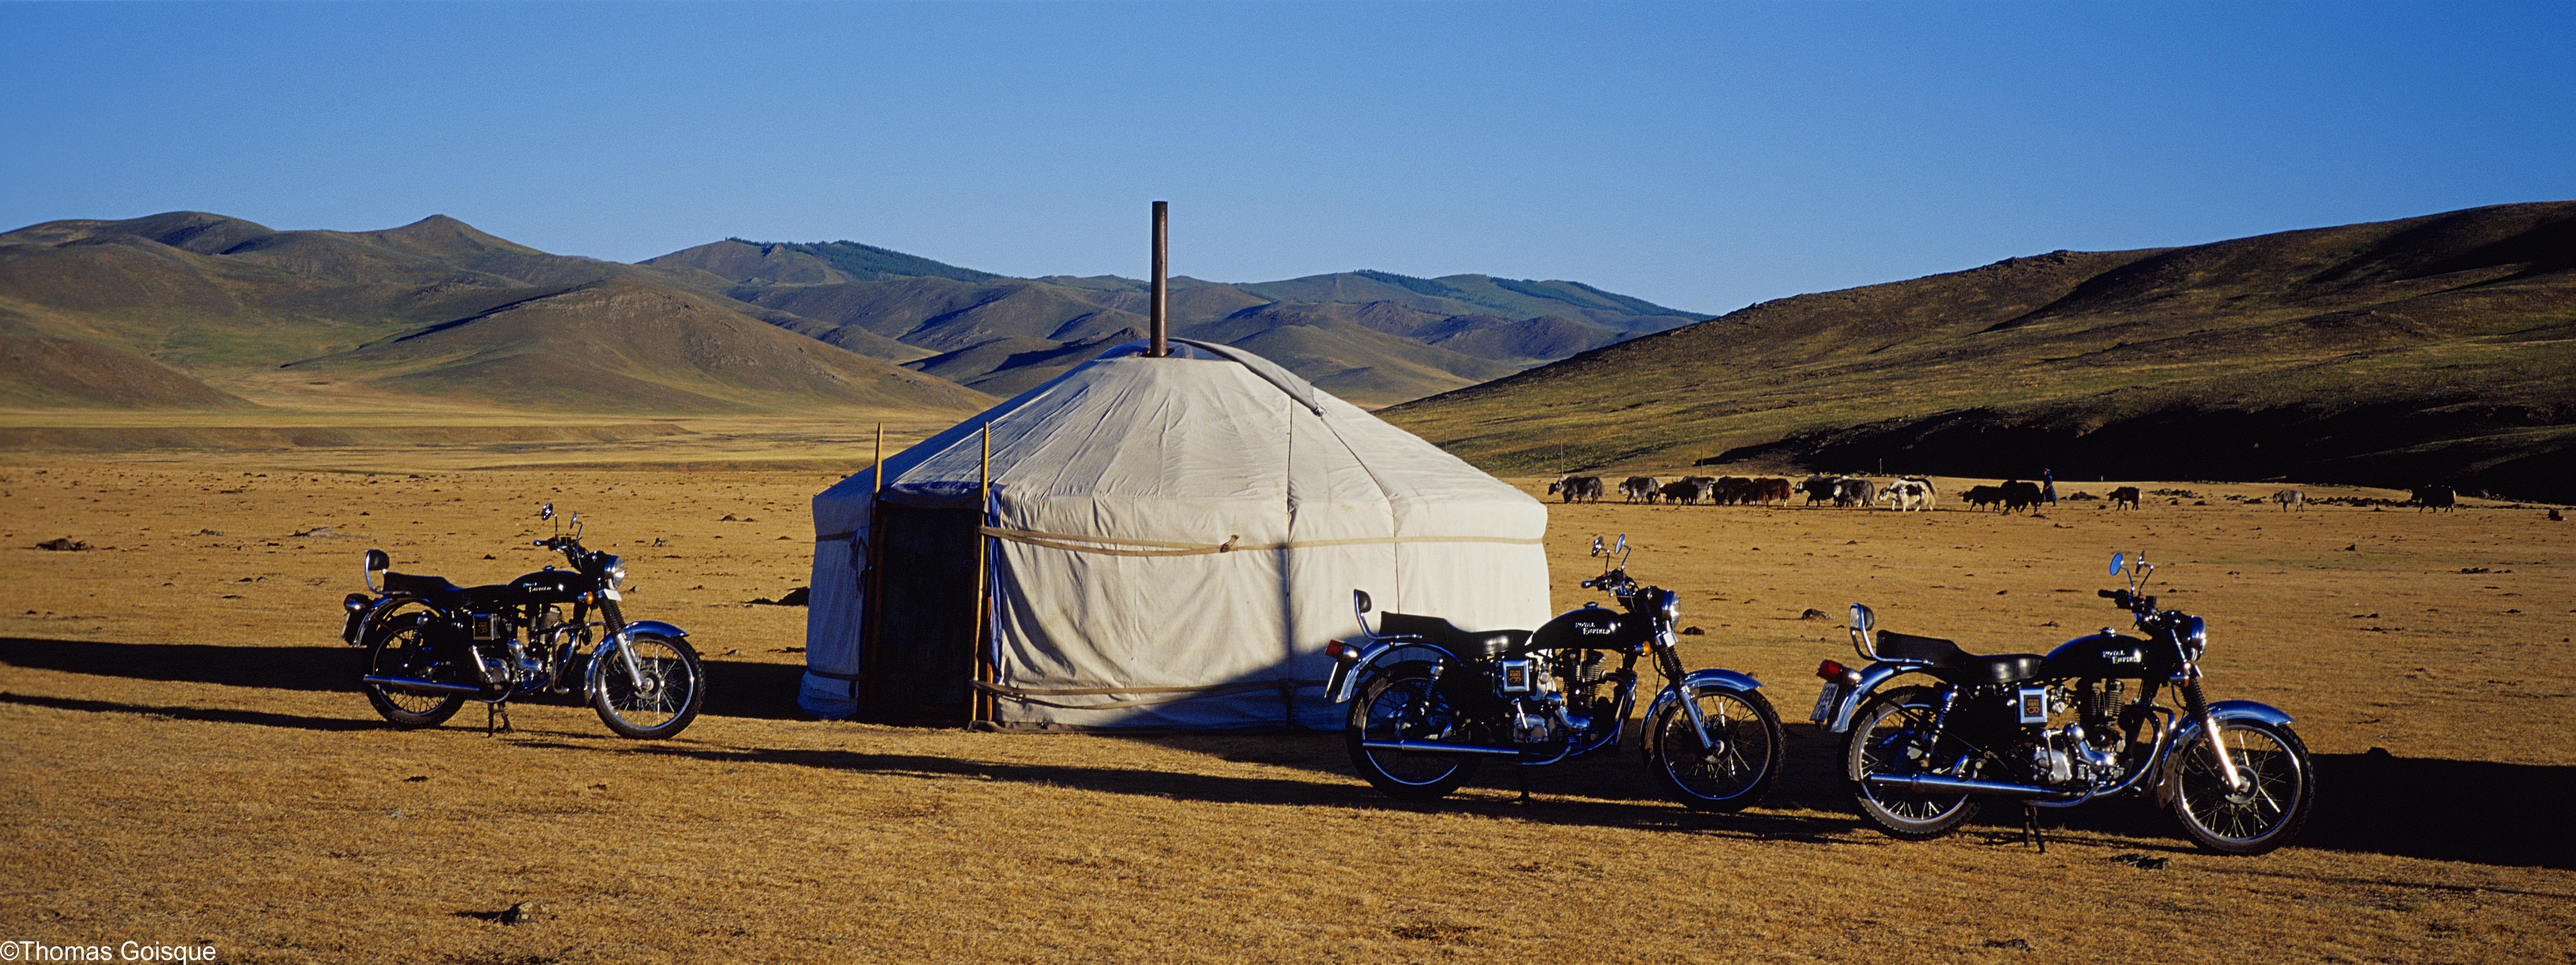 Motorcycle tour Mongolia